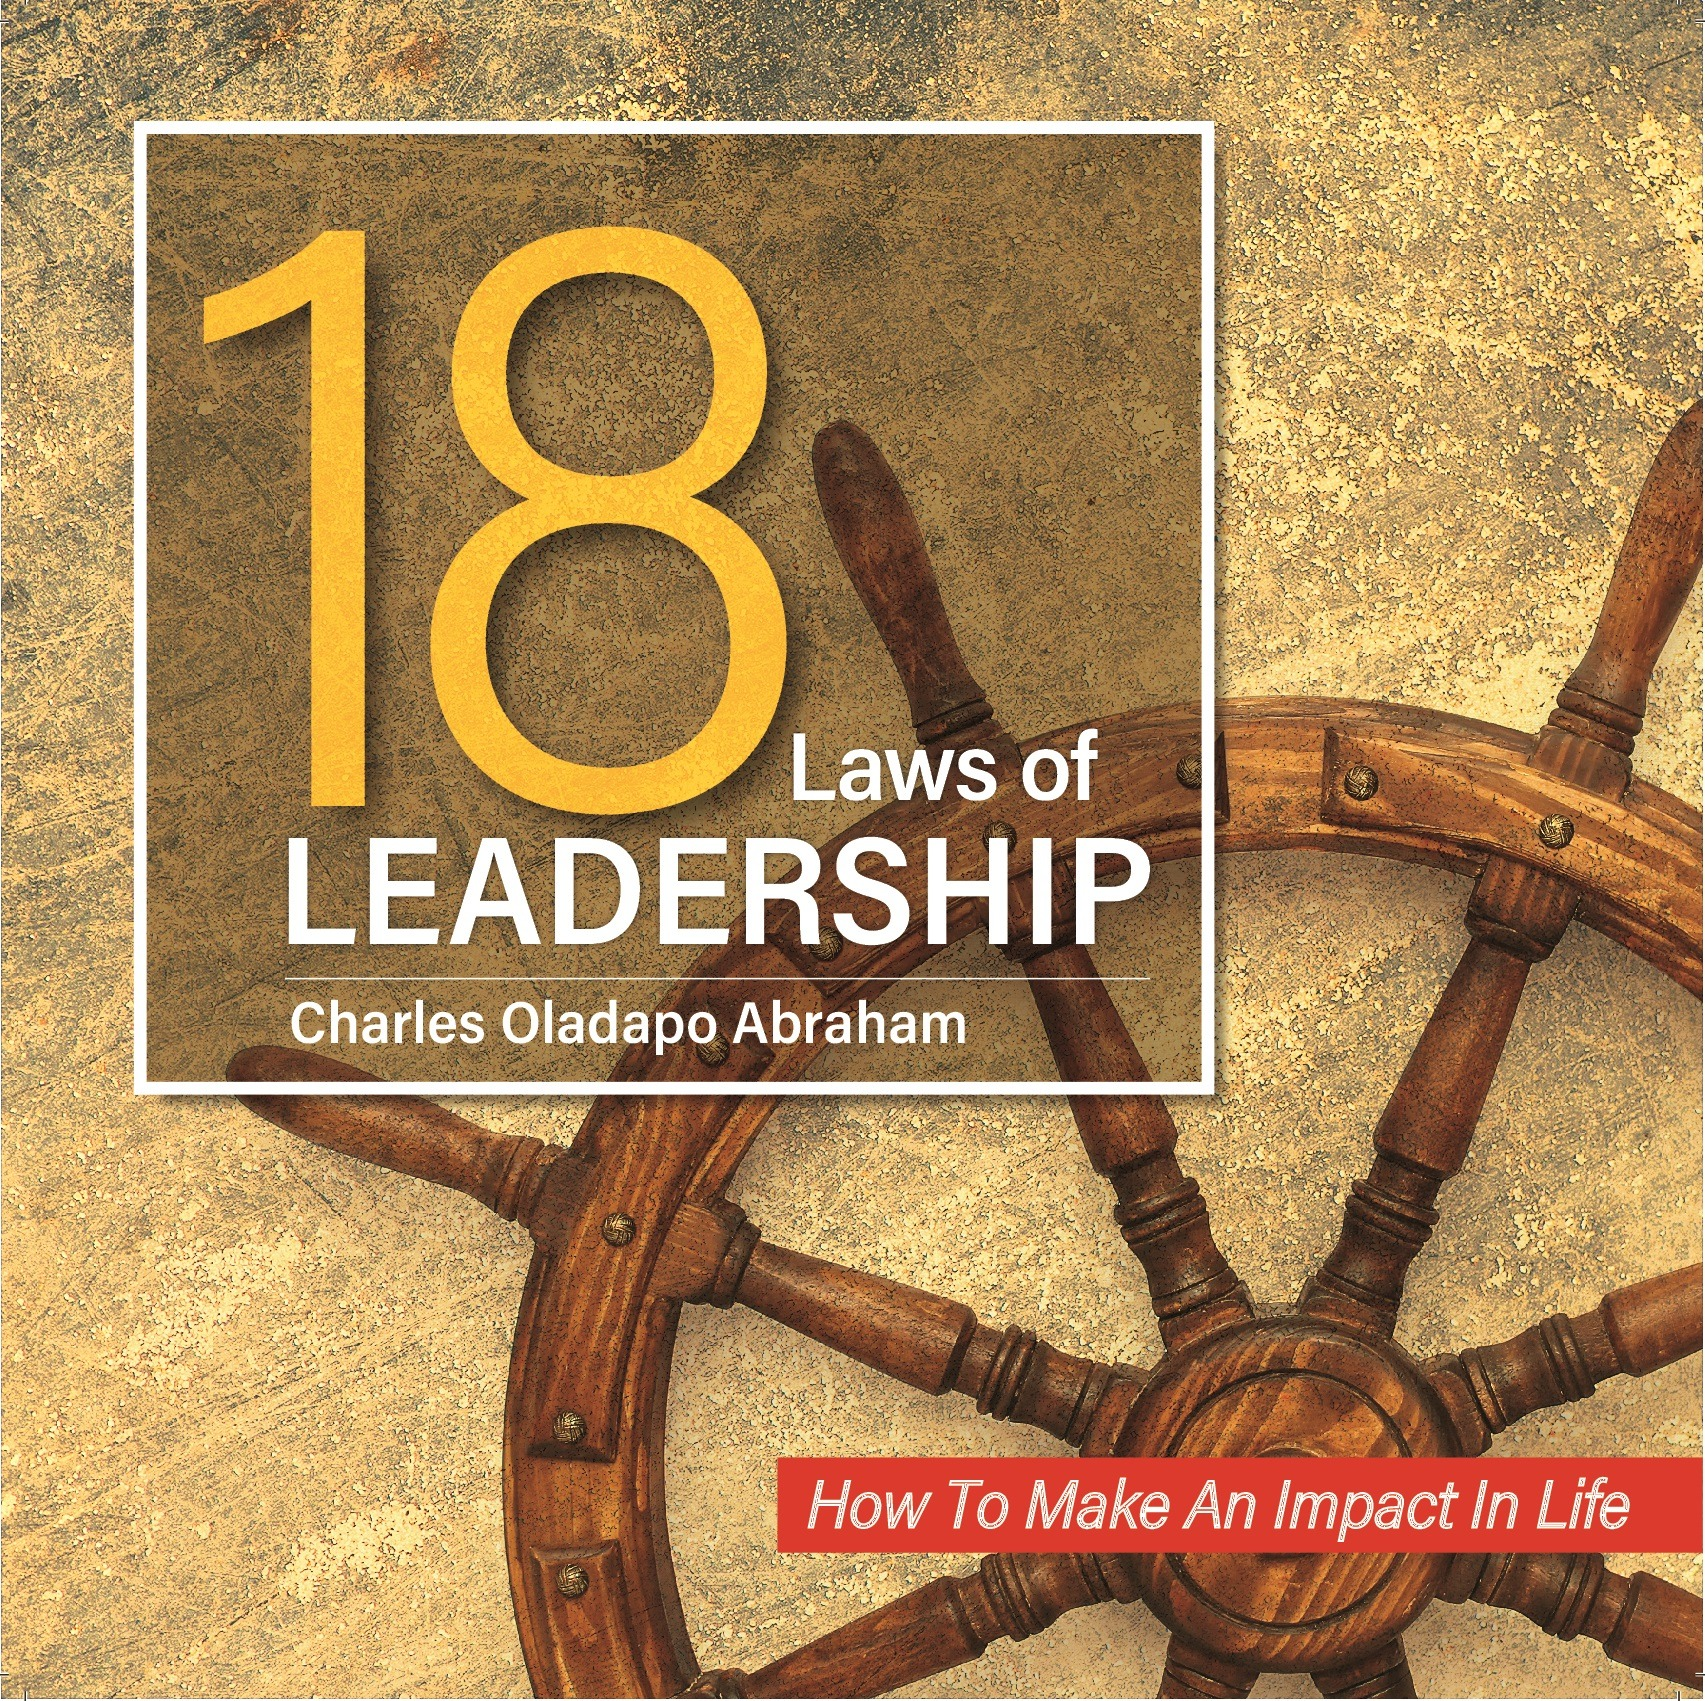 18 Laws of Leadership